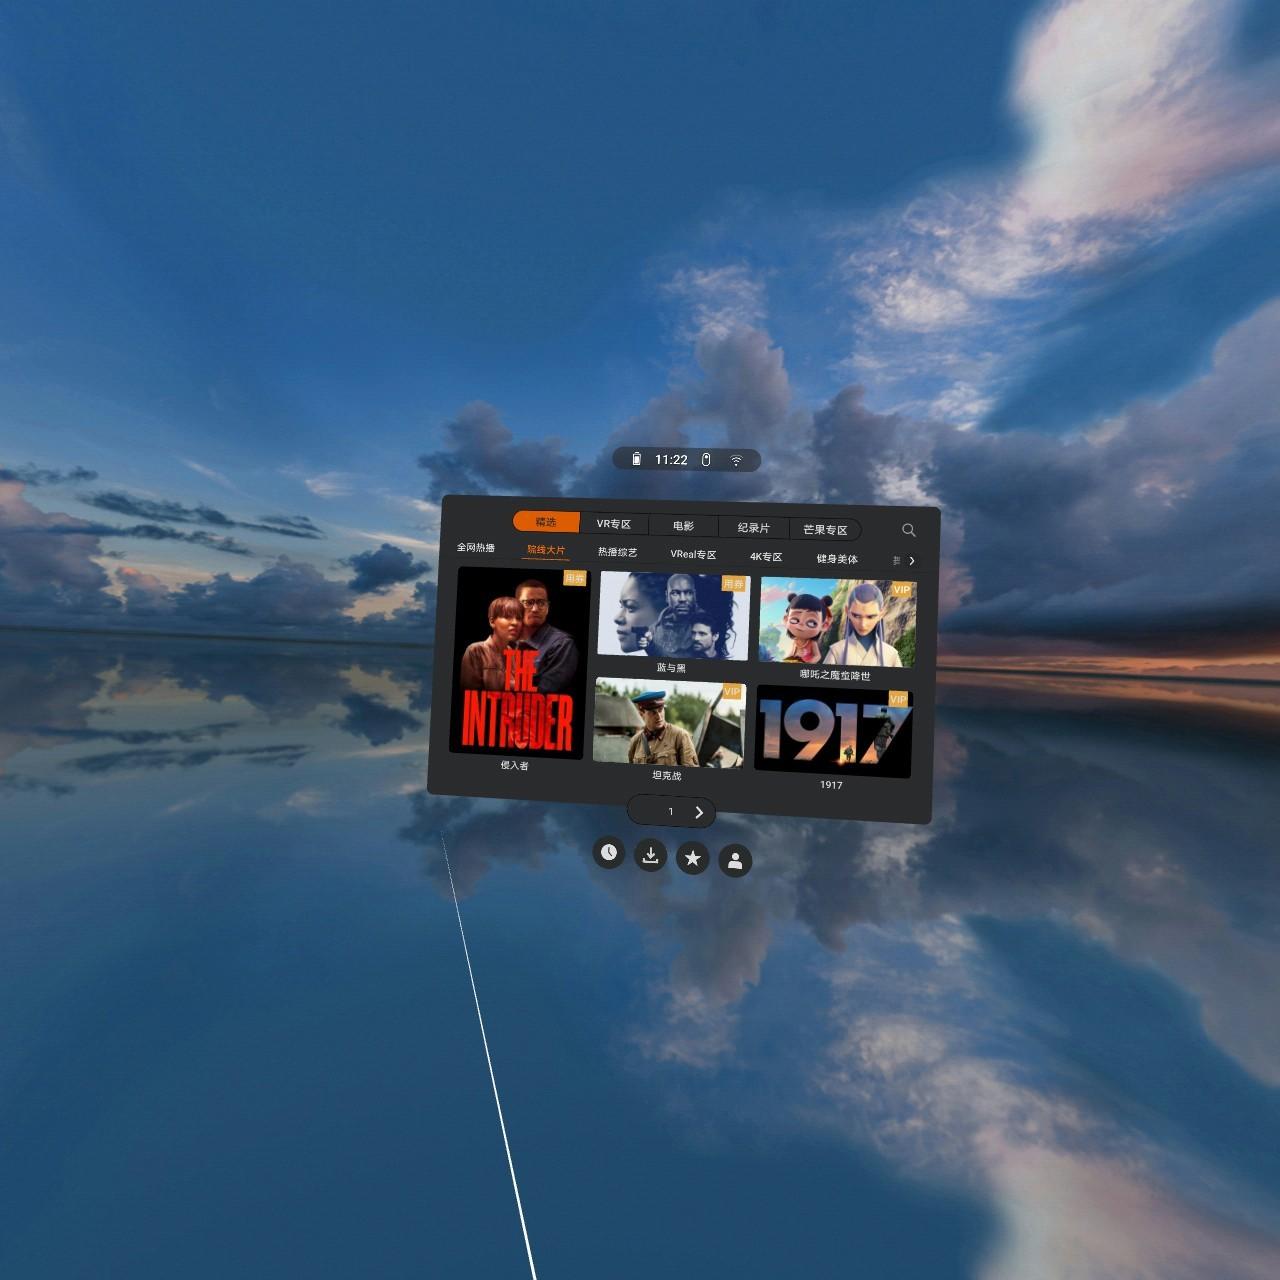 太酷了!VR GLASS正确打开mate40系列全球线上发布会!,AR&VR-花粉俱乐部